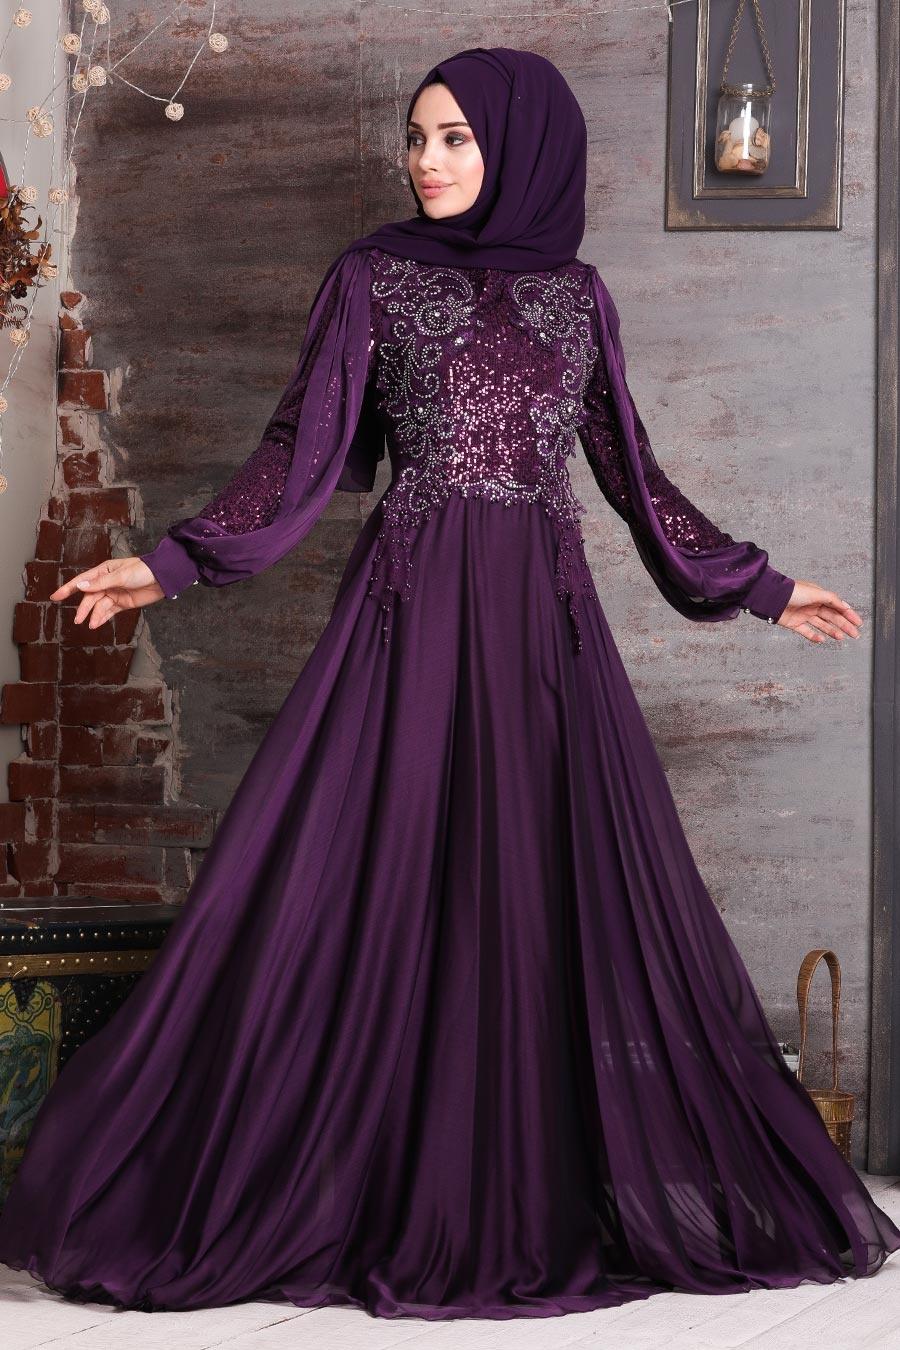 Neva Style - Boncuk İşlemeli Mor Tesettür Abiye Elbise 25775MOR